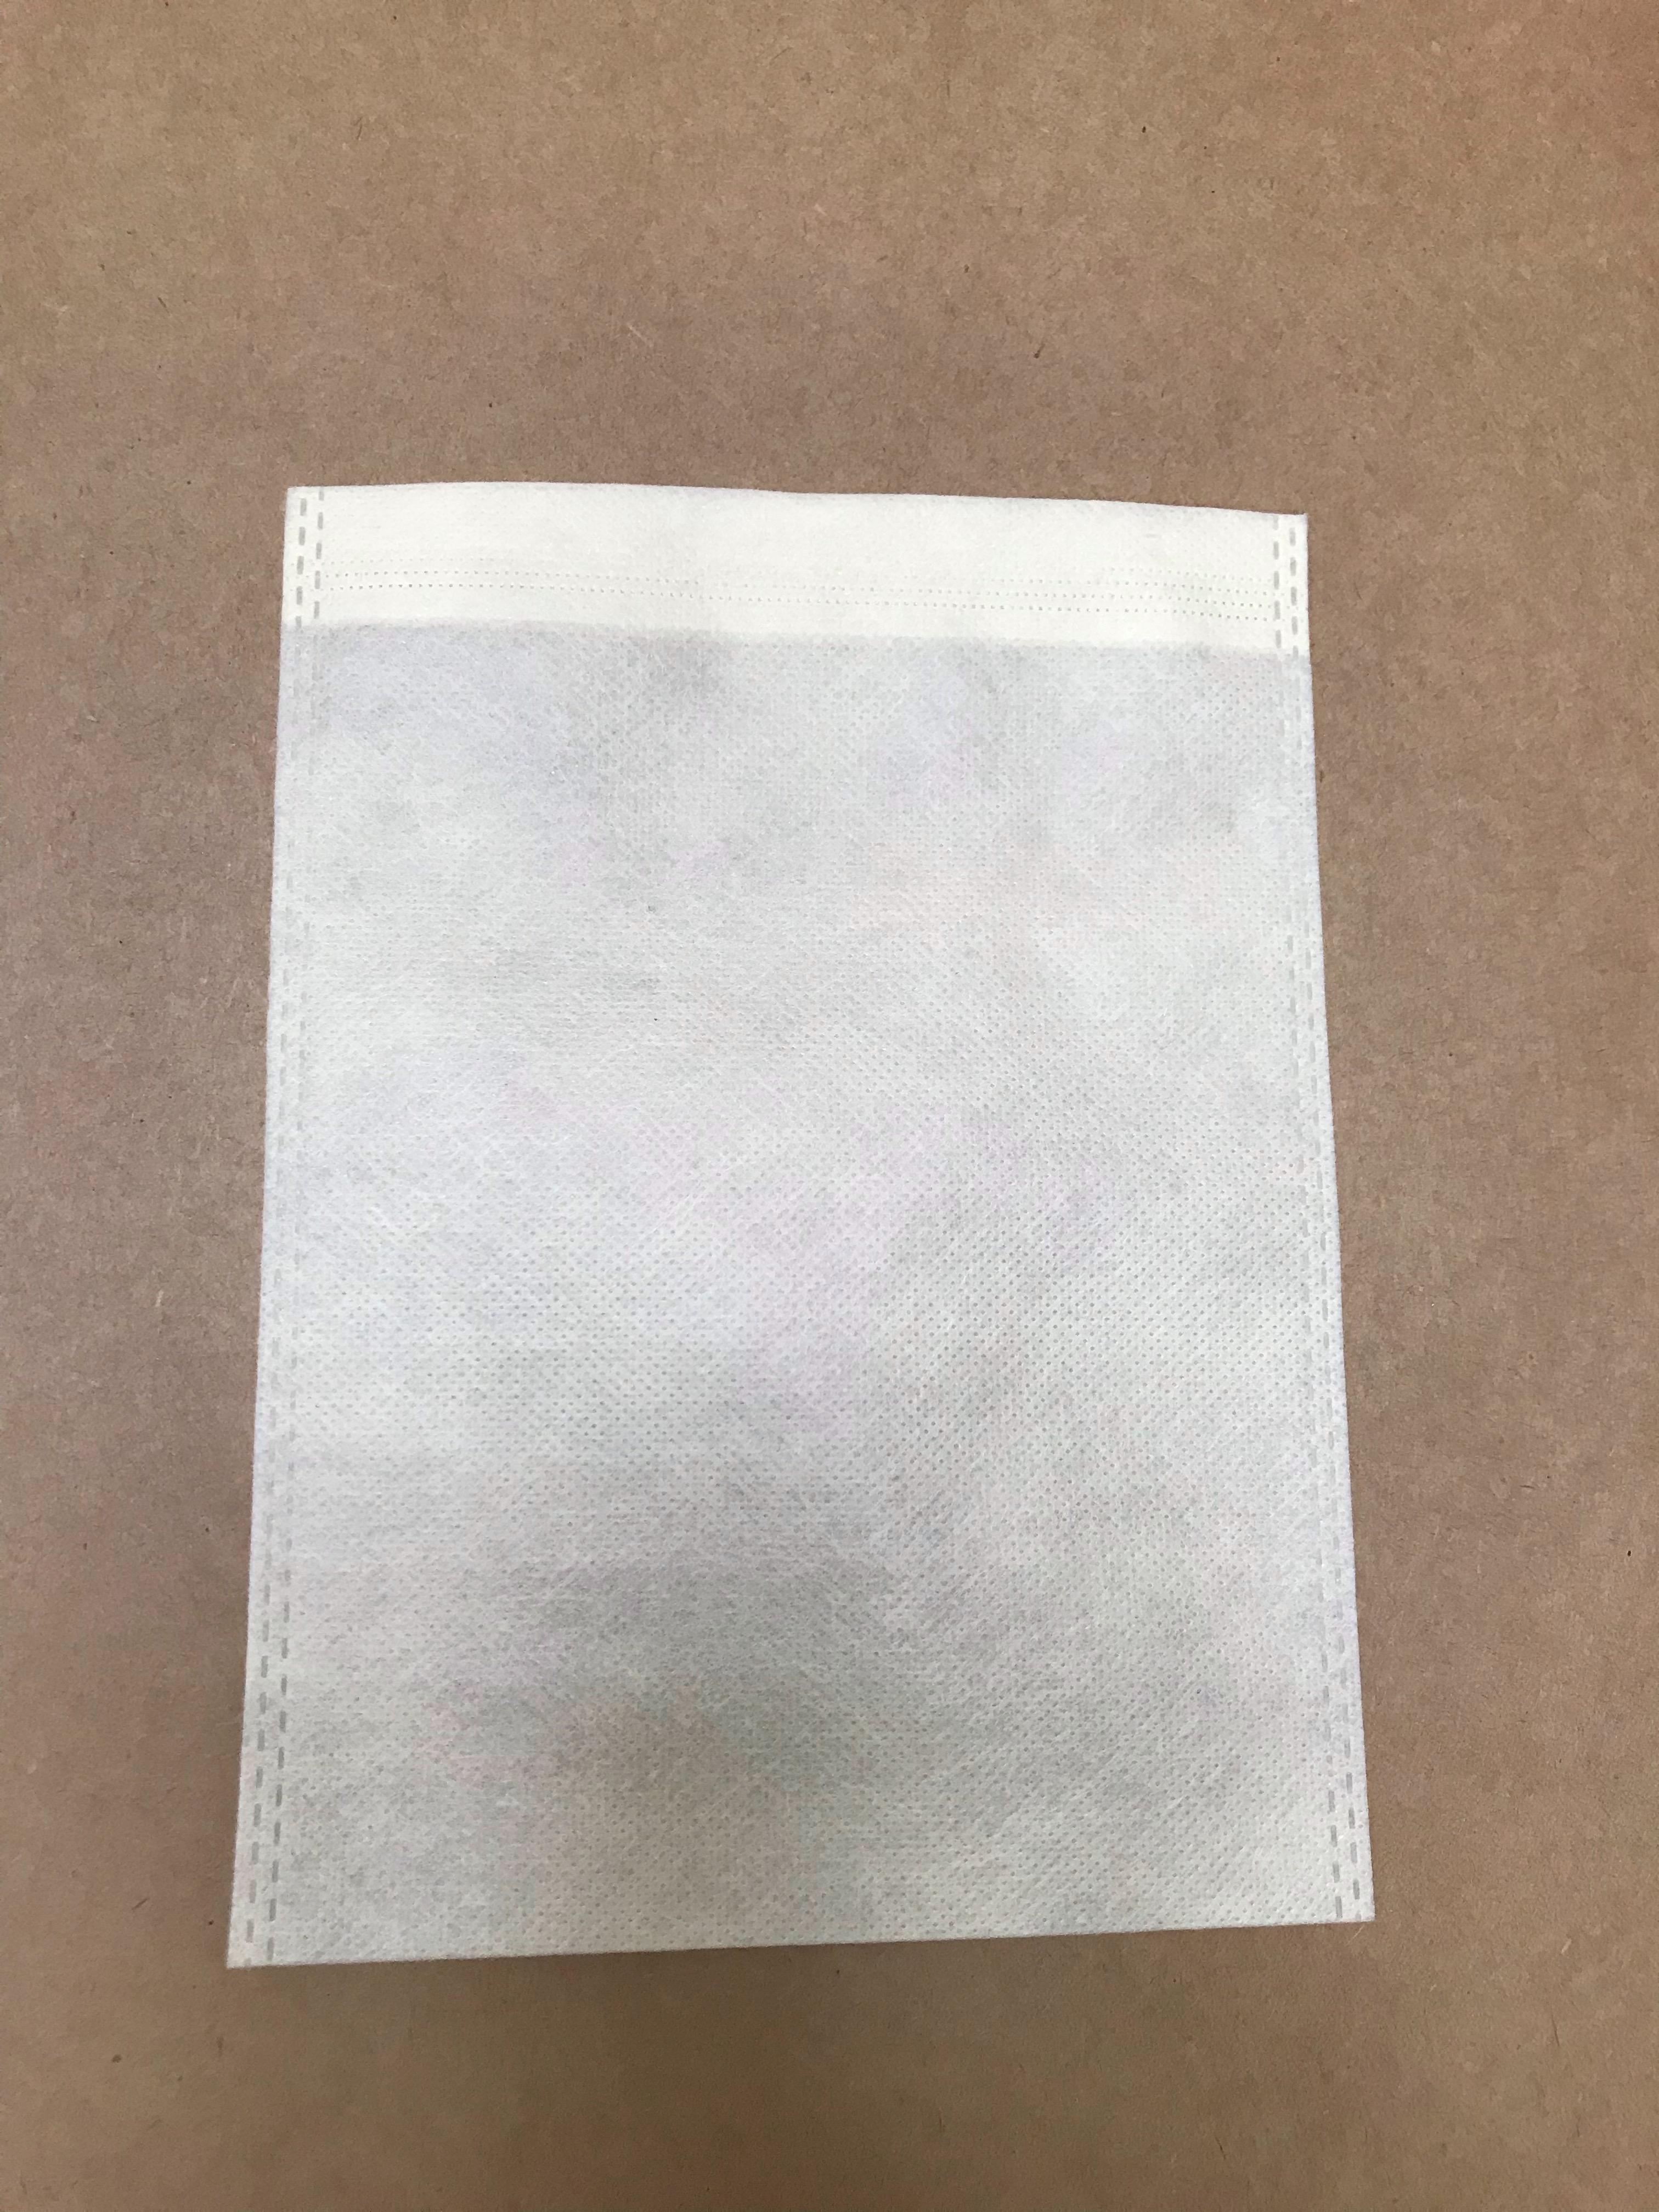 熱壓不織布防塵套 編號: CS-AB0004